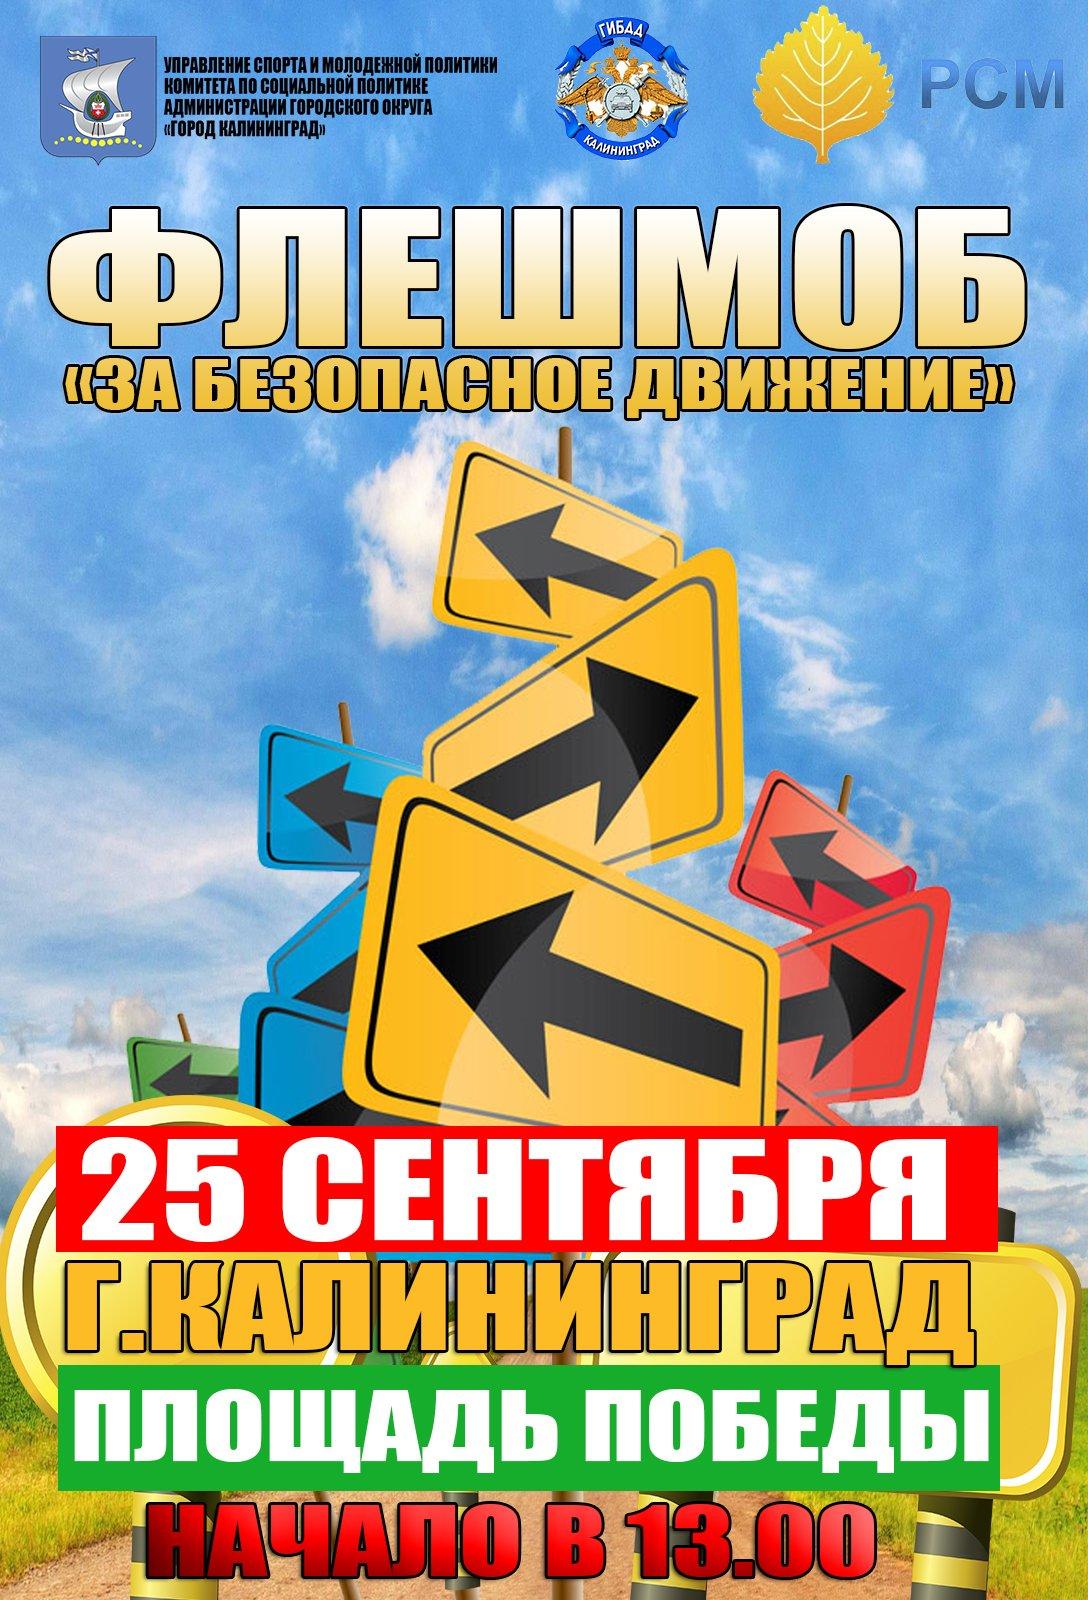 Молодежная акция «За безопасность дорожного движения»